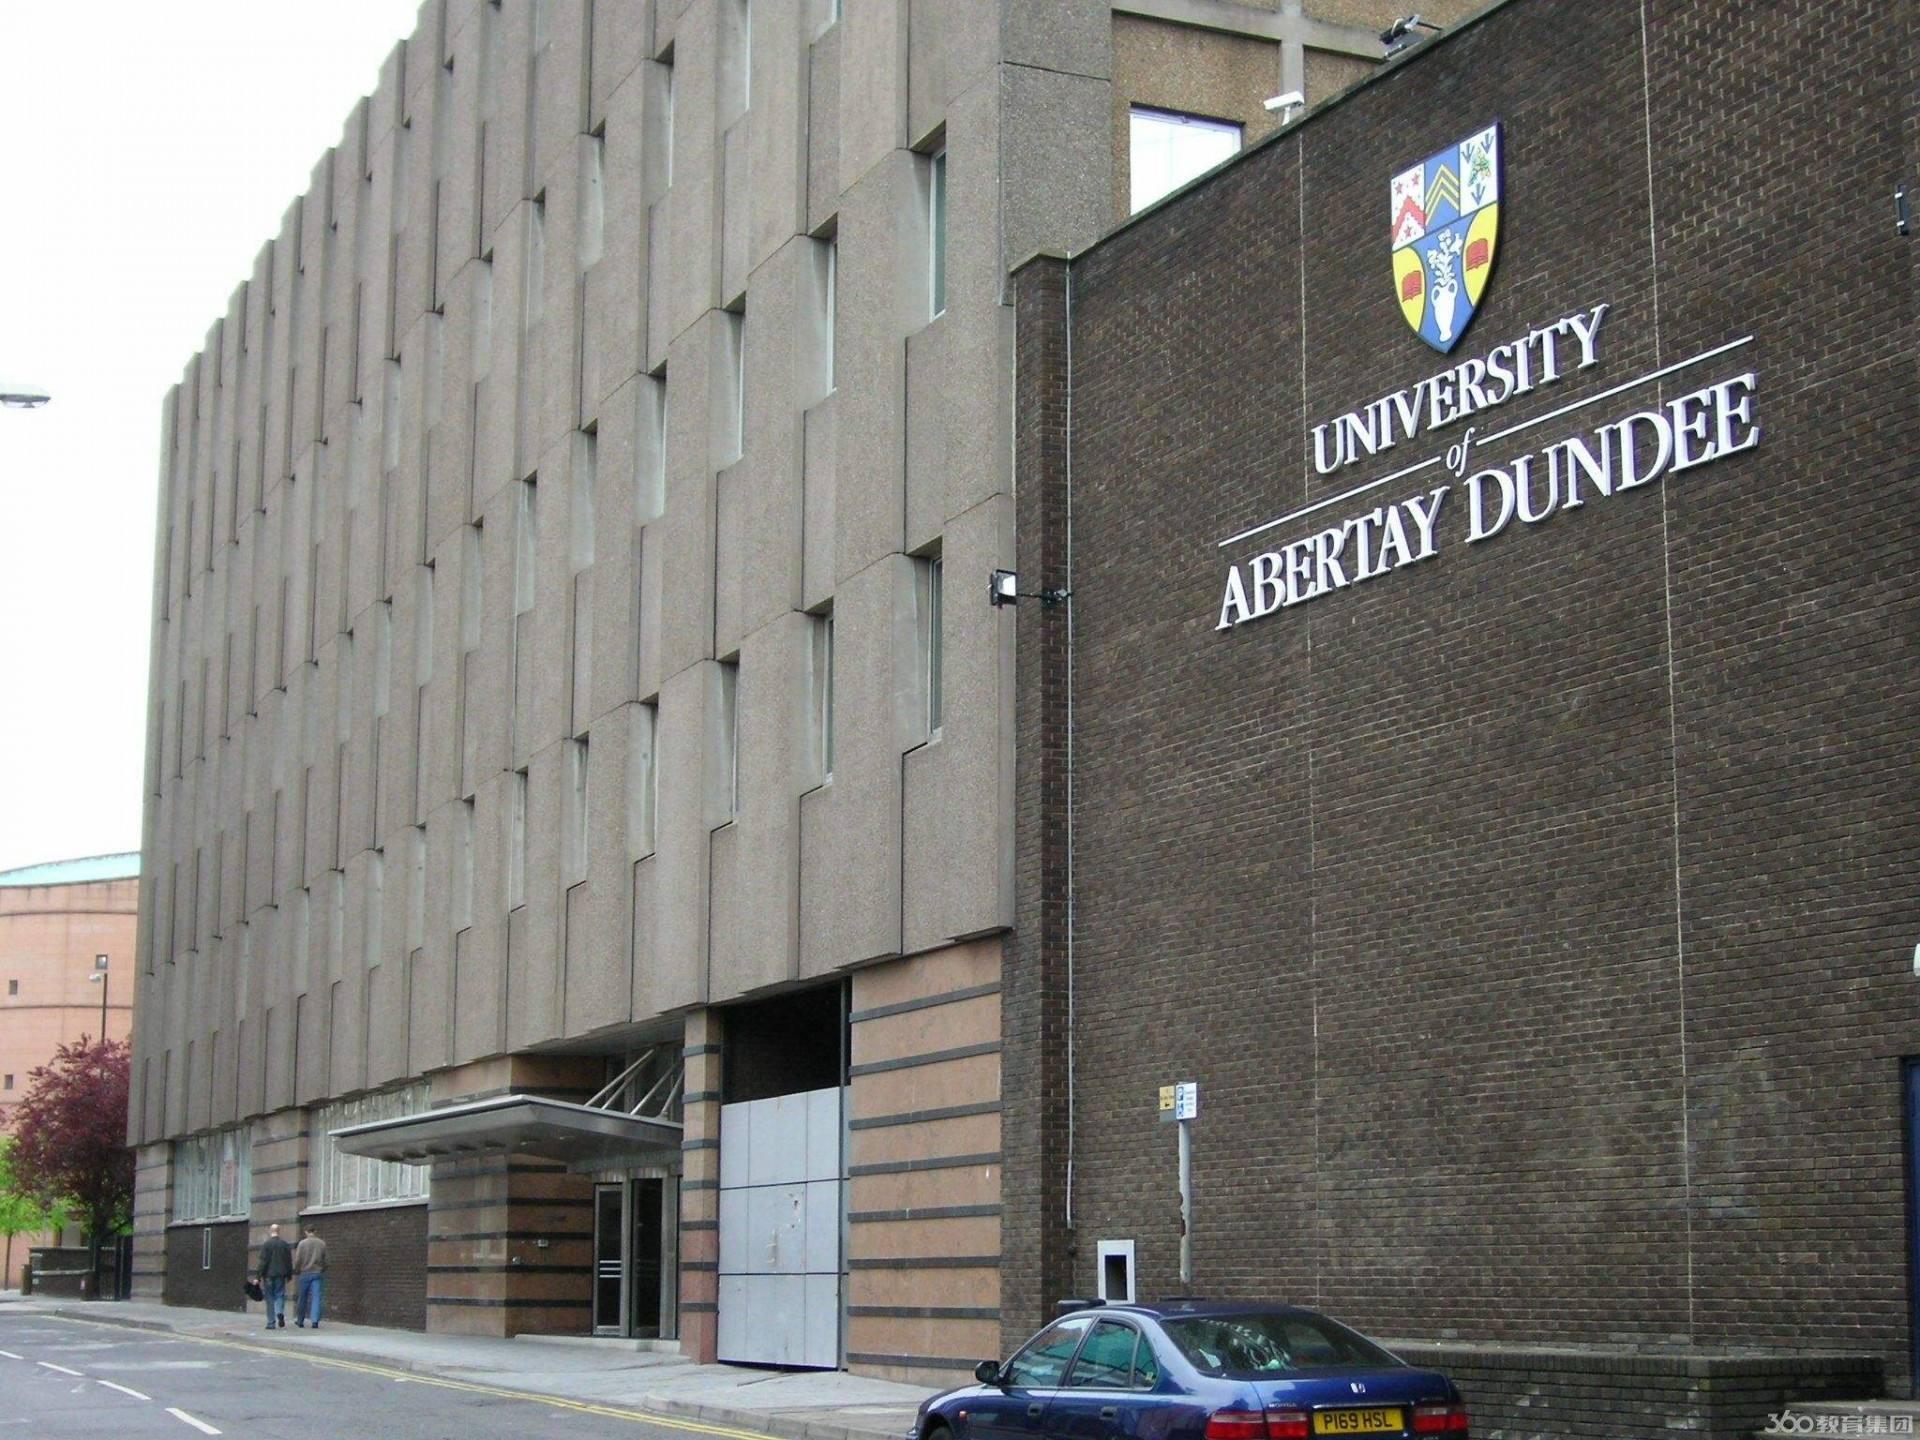 英国留学你知道法医学高居榜首的邓迪大学吗?